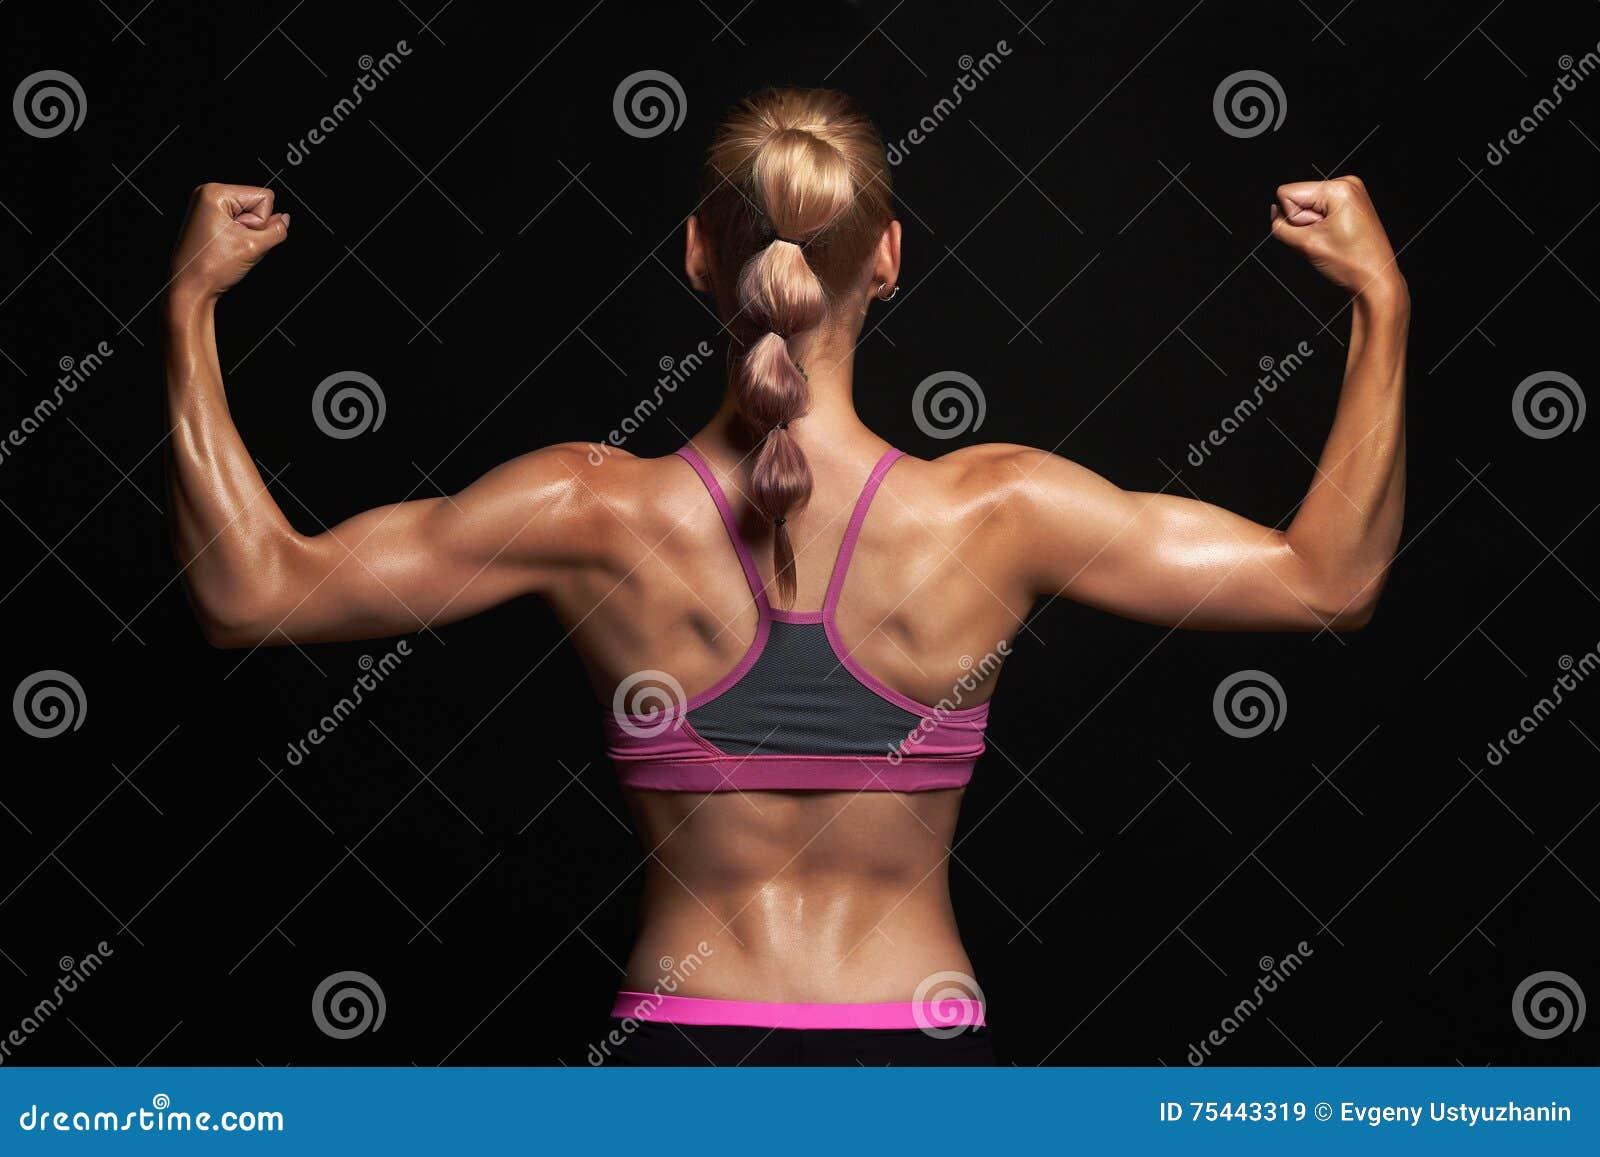 Πίσω του αθλητικού κοριτσιού έννοια γυμναστικής μυϊκή γυναίκα ικανότητας, εκπαιδευμένο θηλυκό σώμα